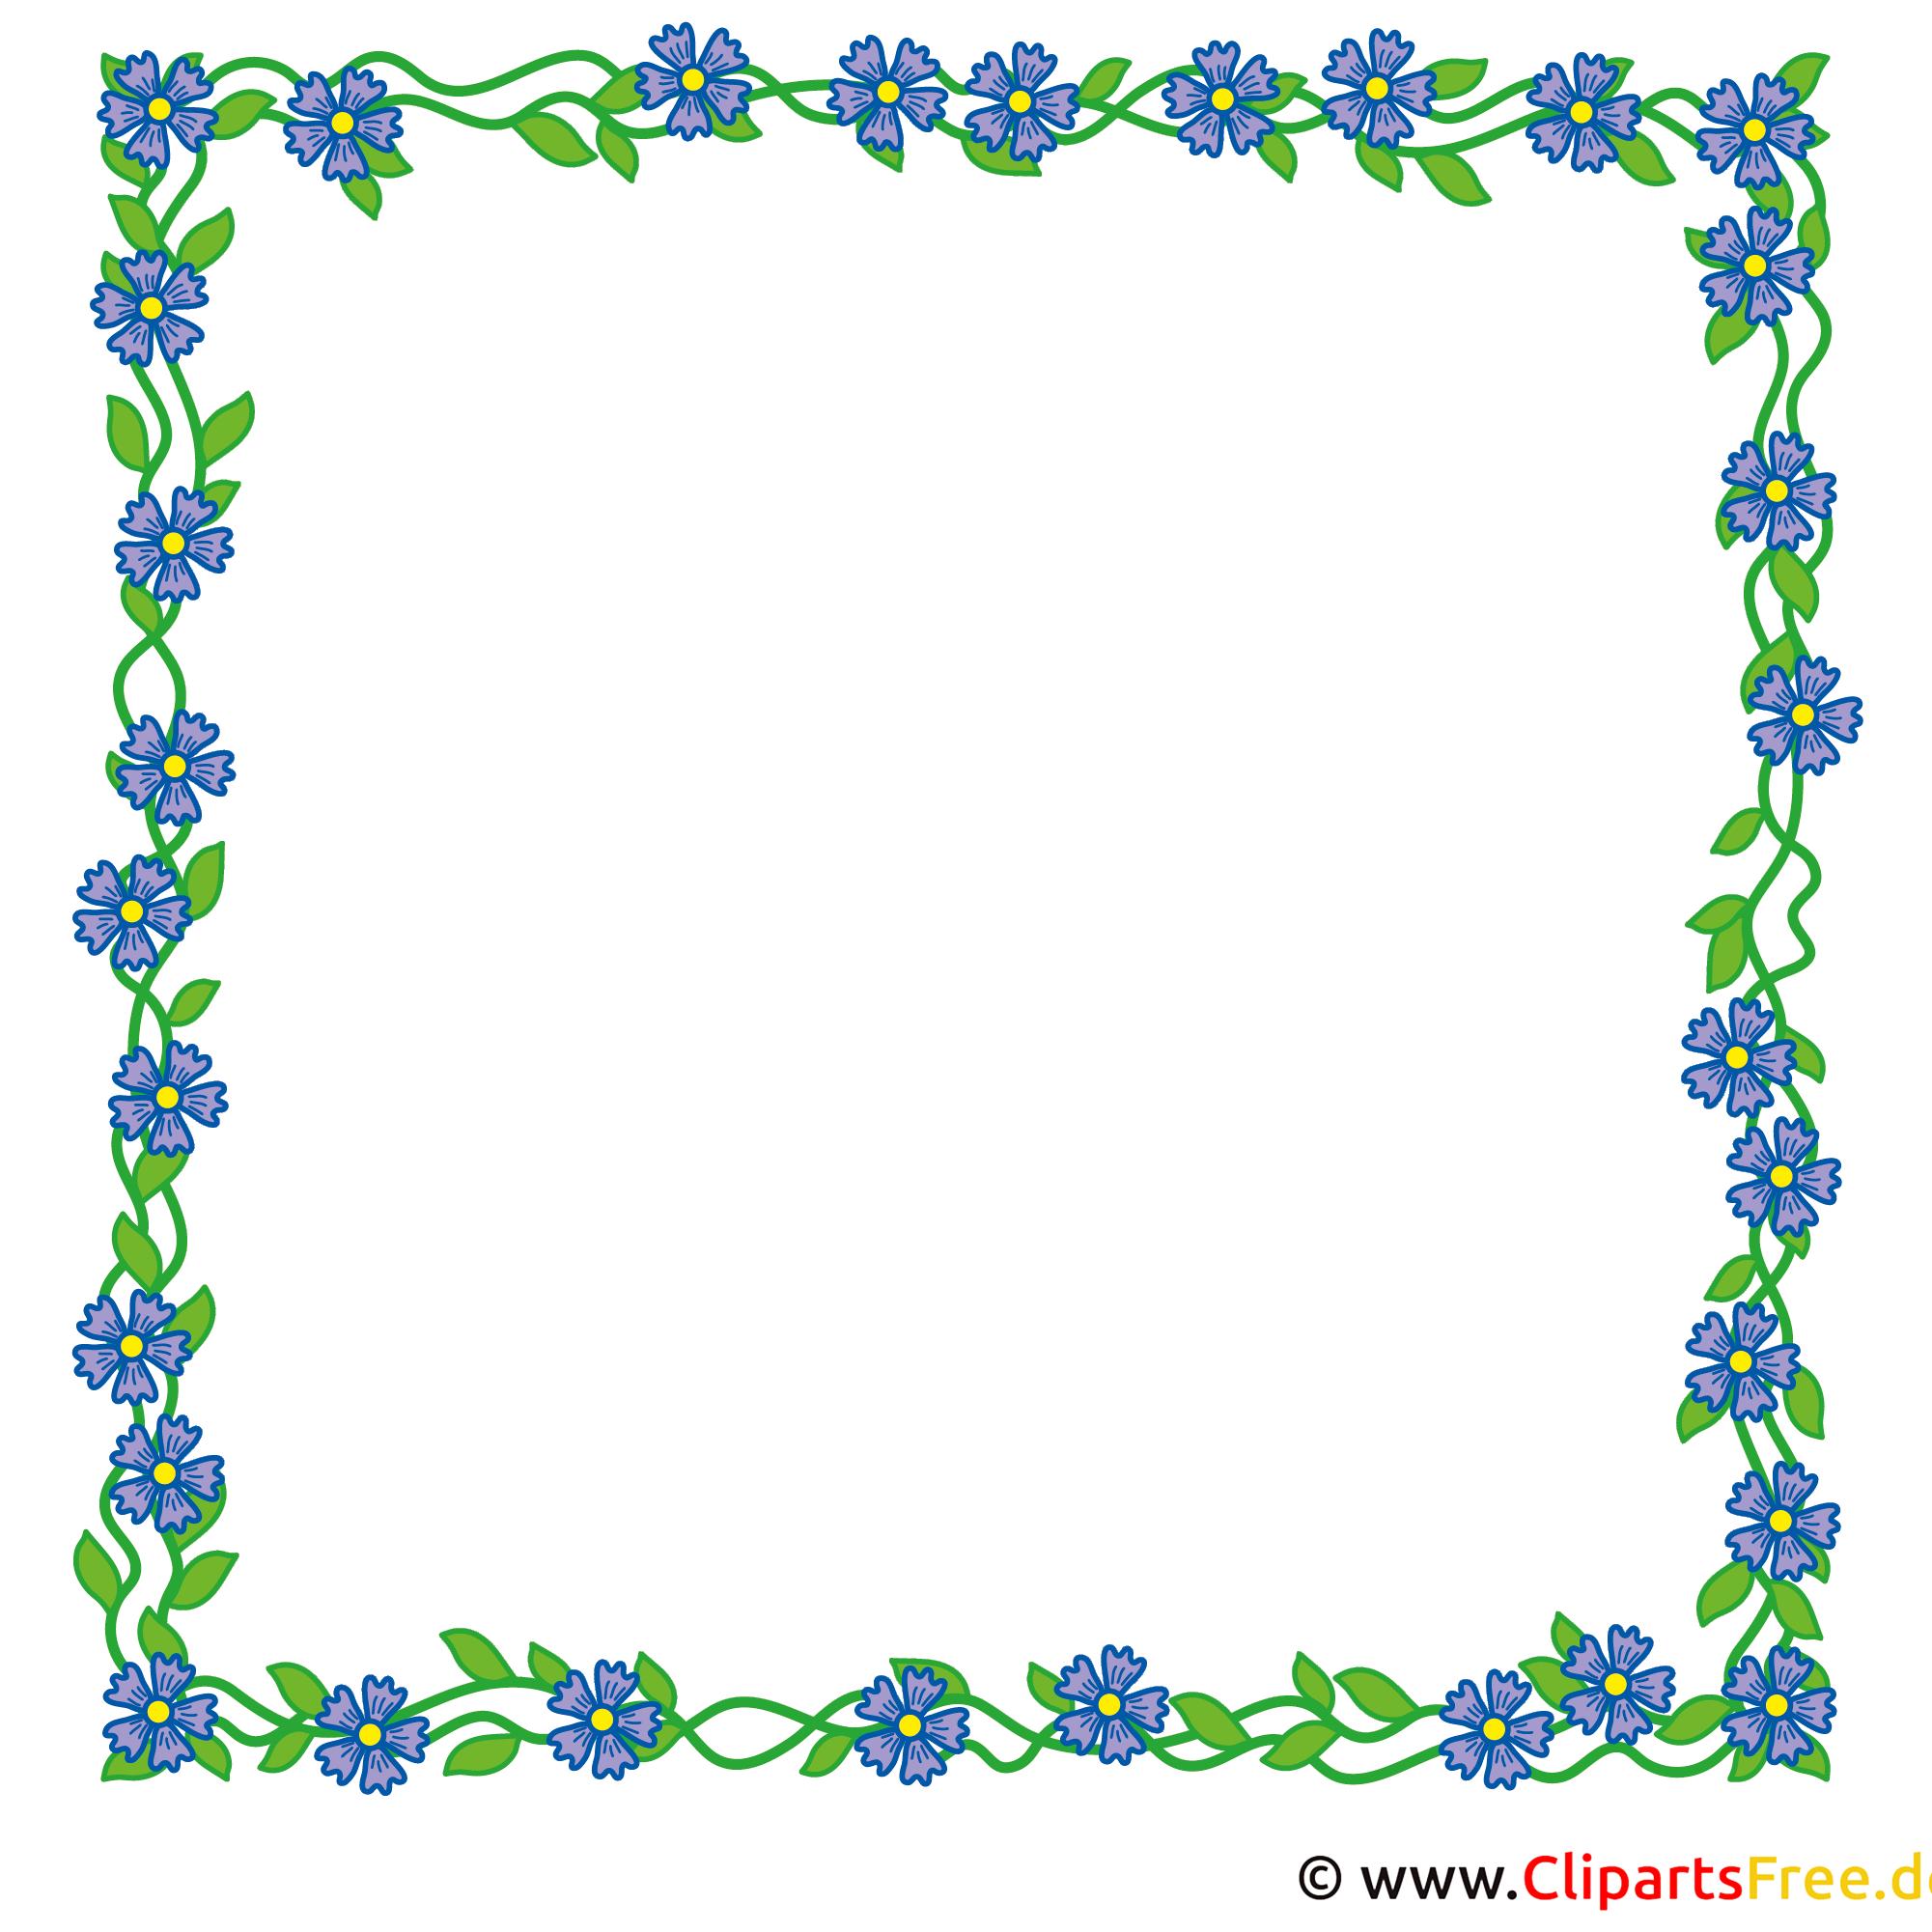 Blumenrahmen für Bilder mit Zyane